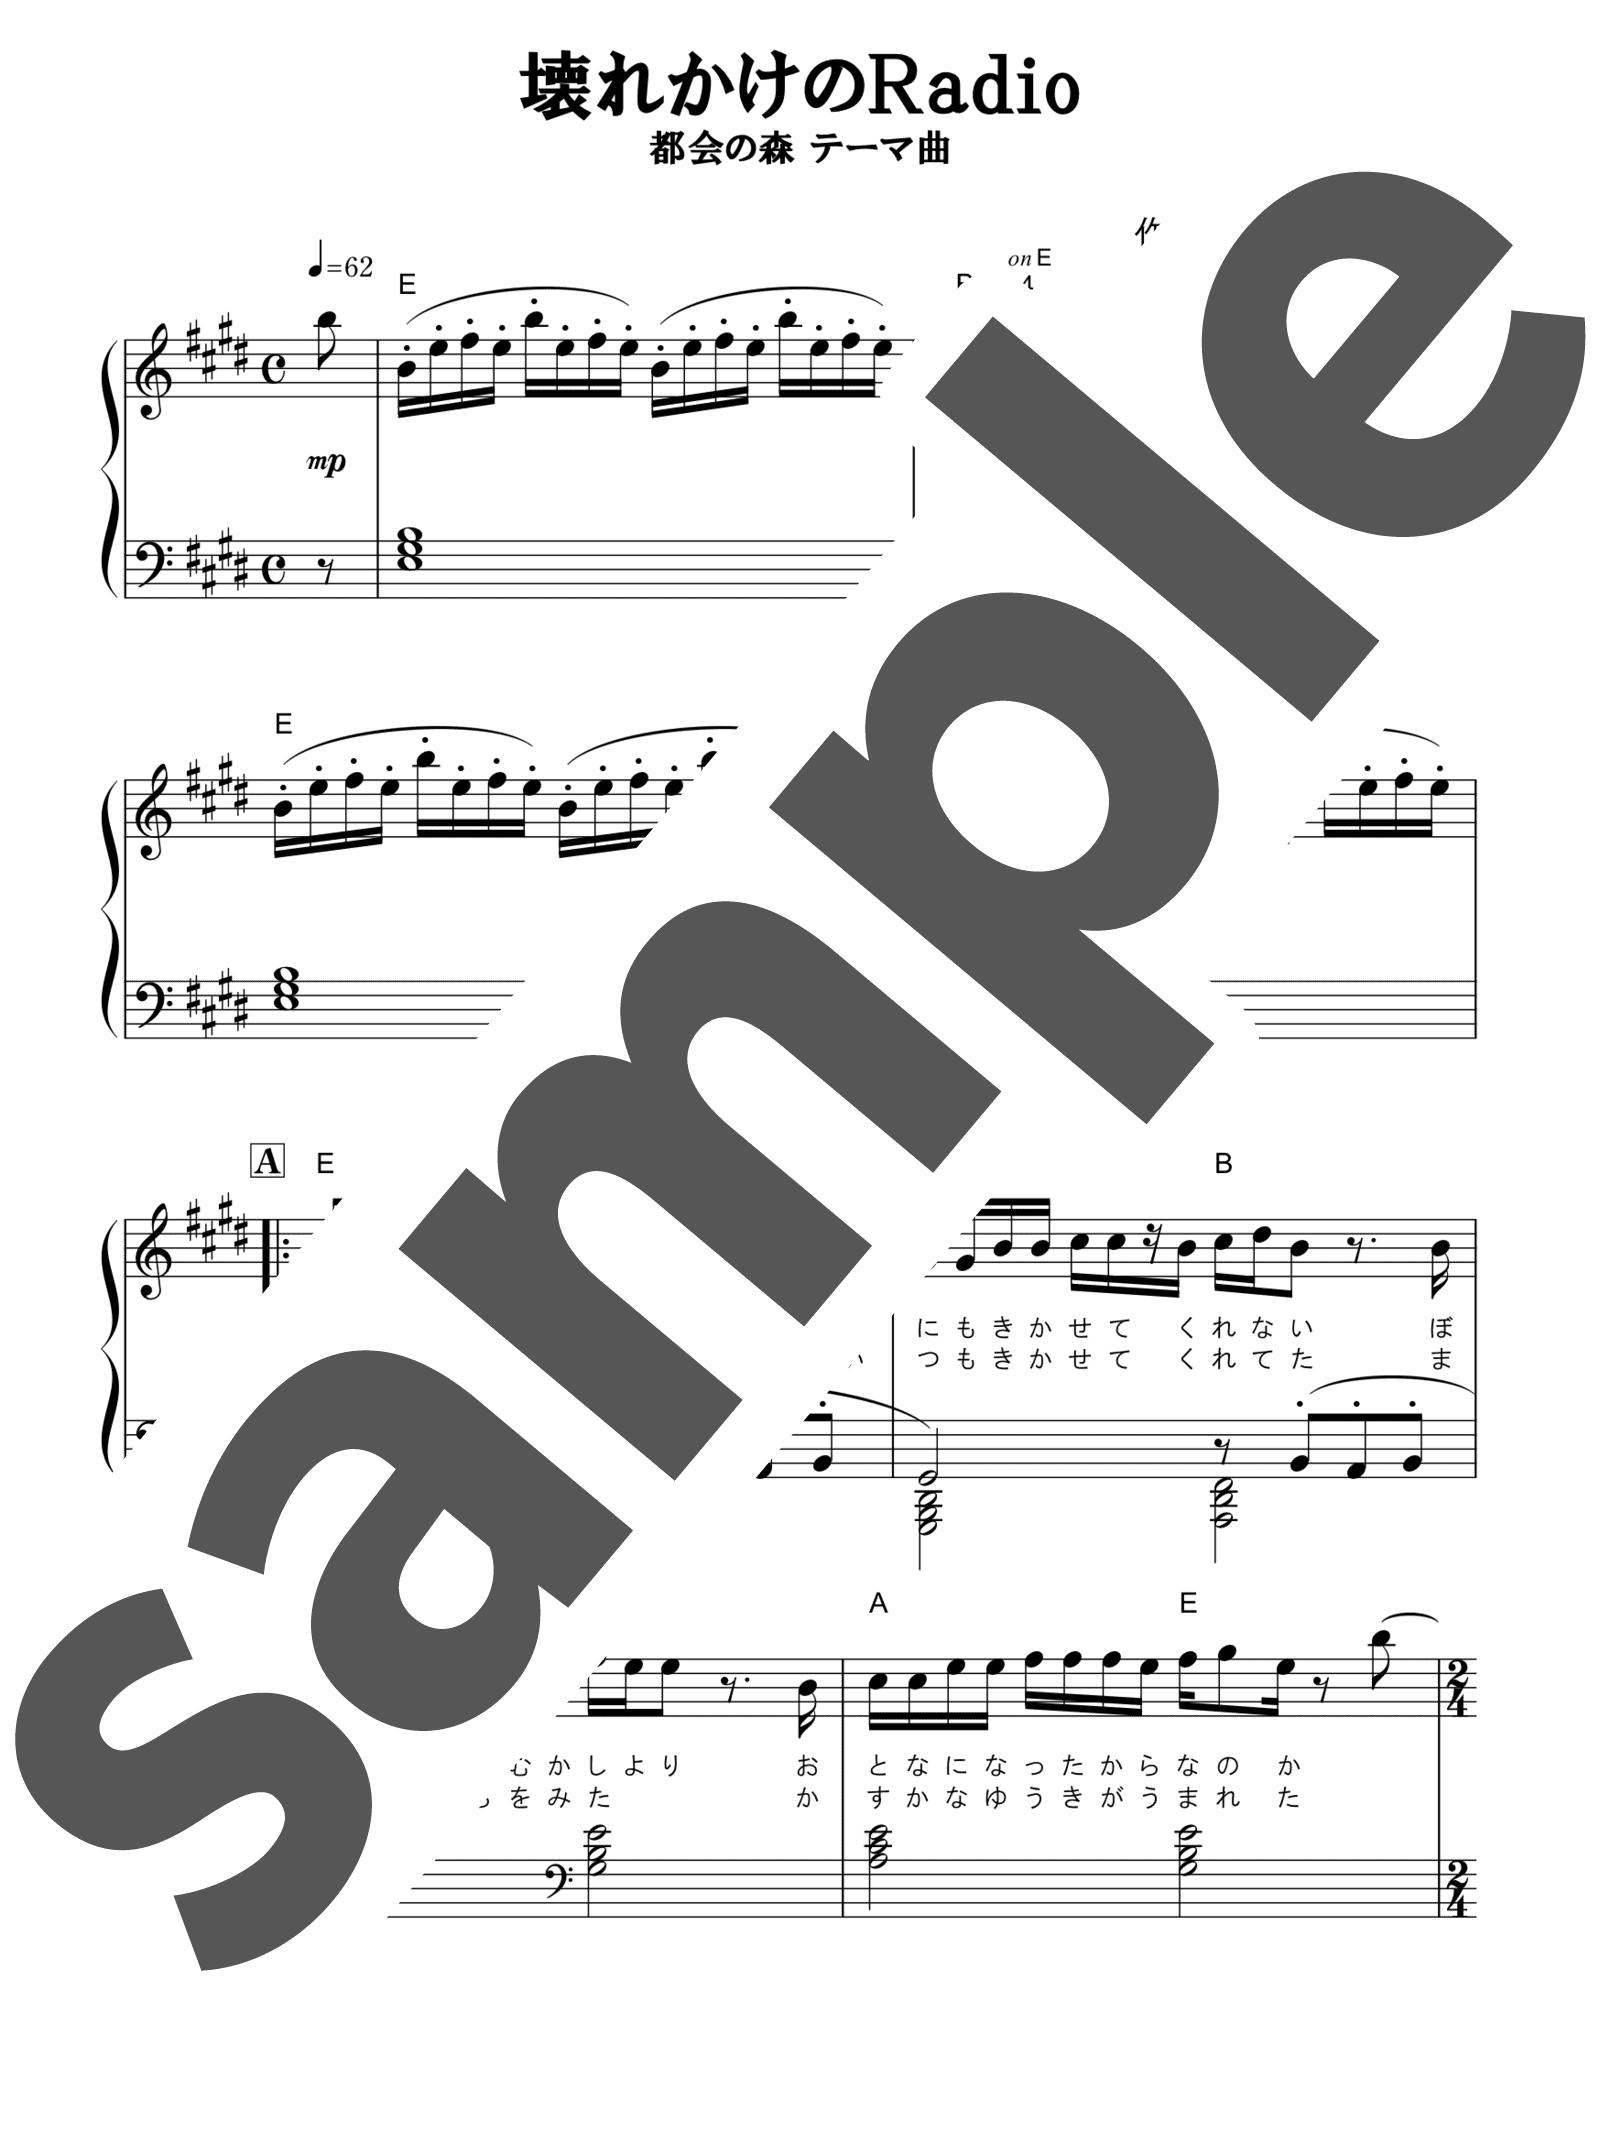 「壊れかけのRadio」のサンプル楽譜